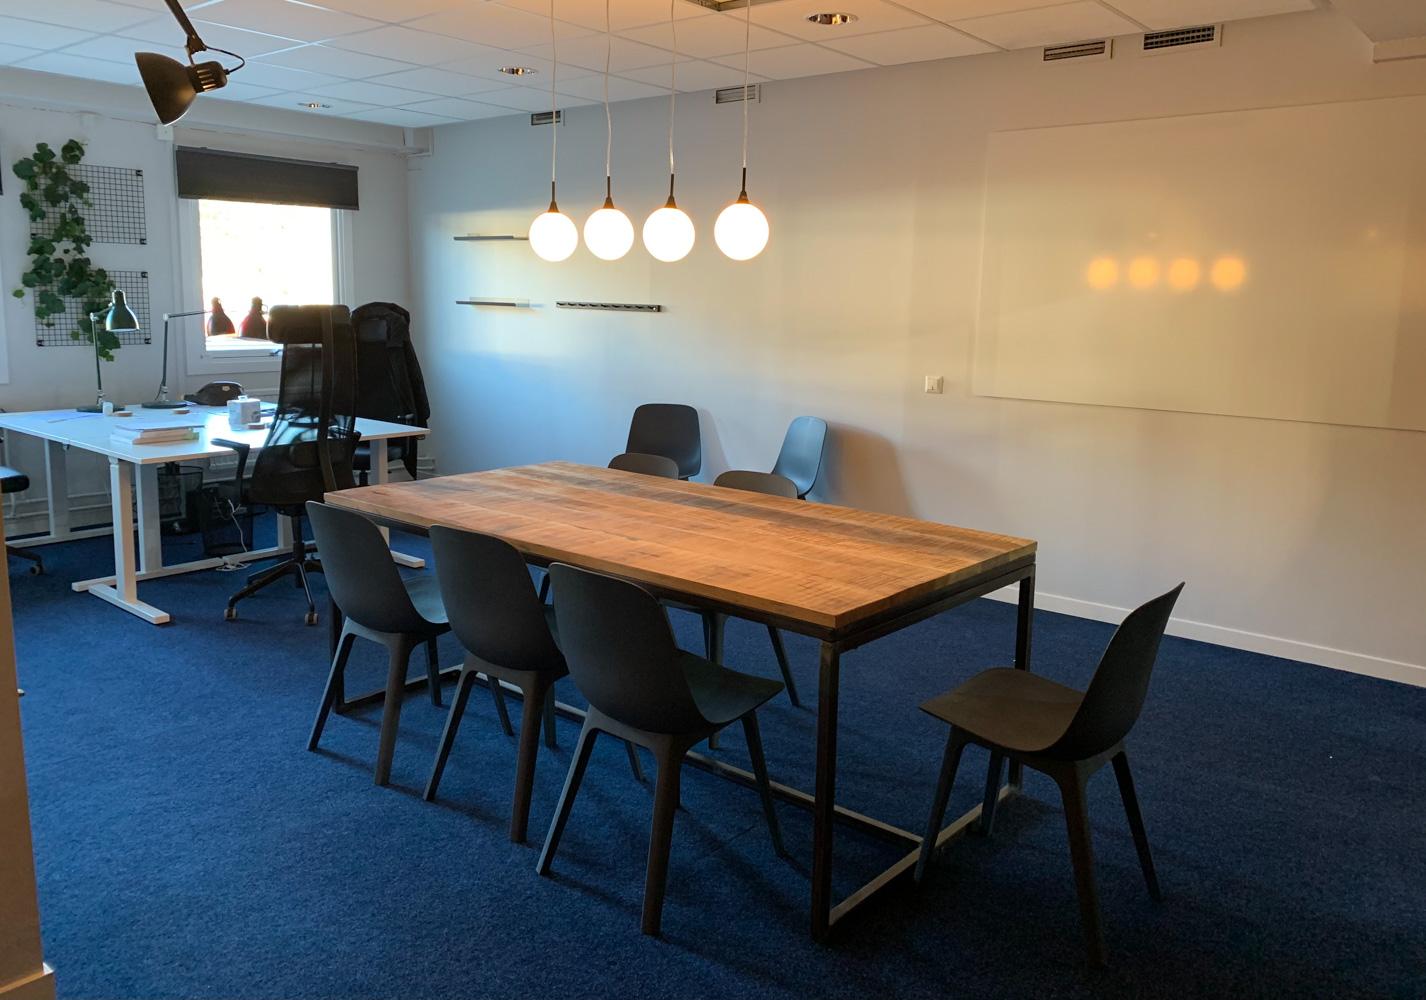 pippi-studio-torslanda-padel-4